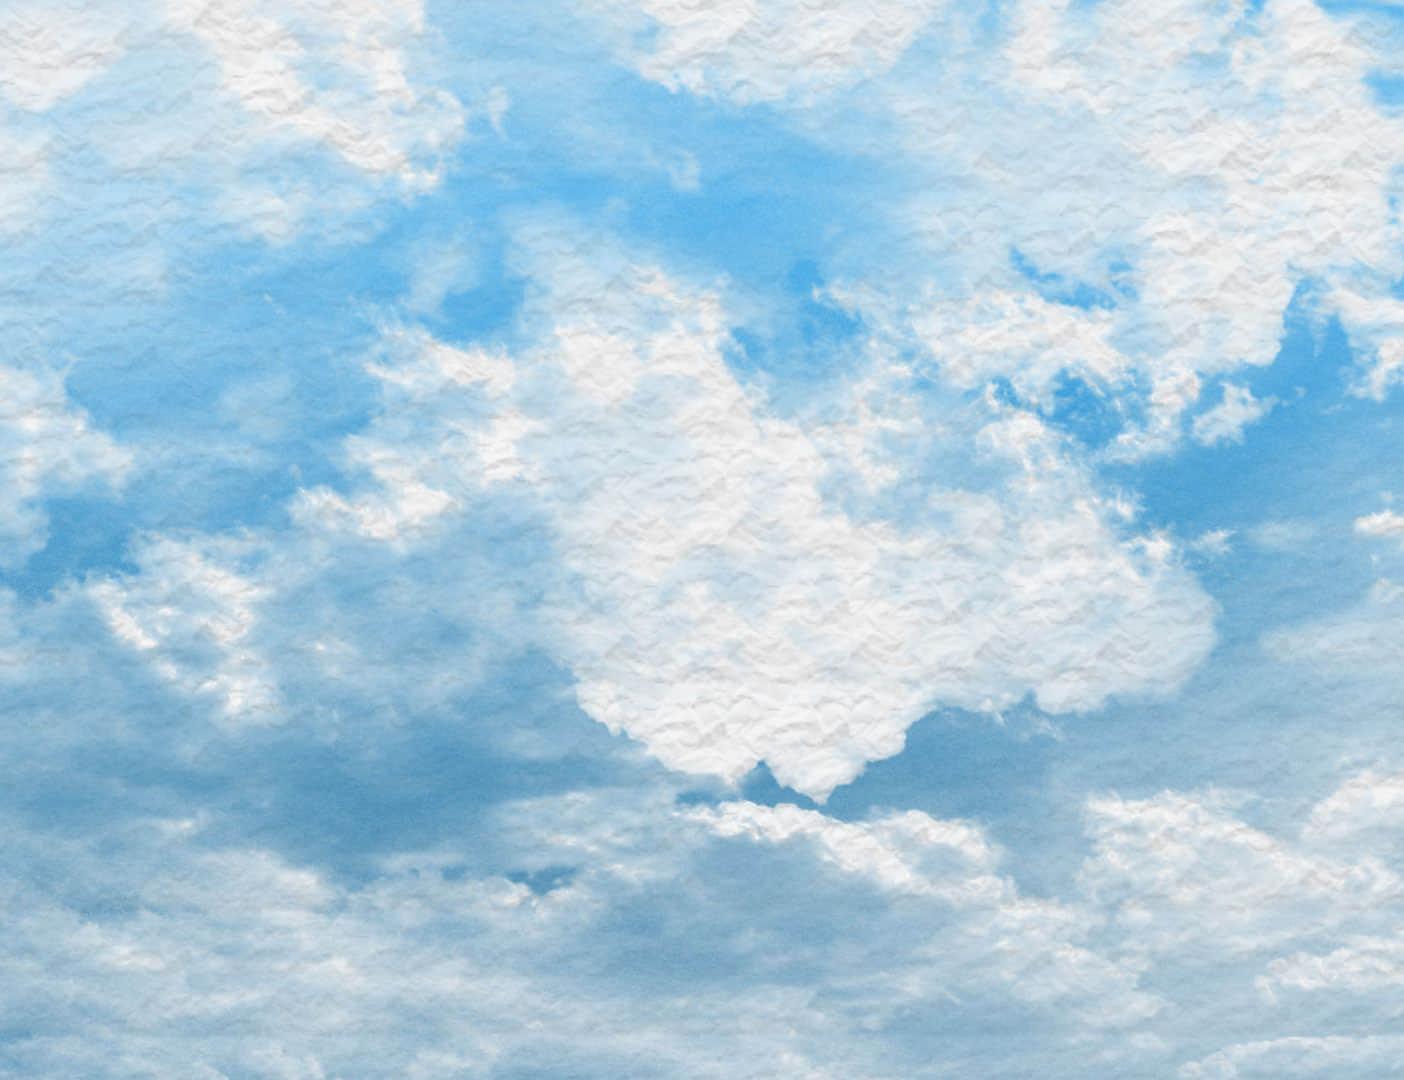 云层与蓝天效果PS笔刷下载 白云笔刷 云彩笔刷  cloud brushes